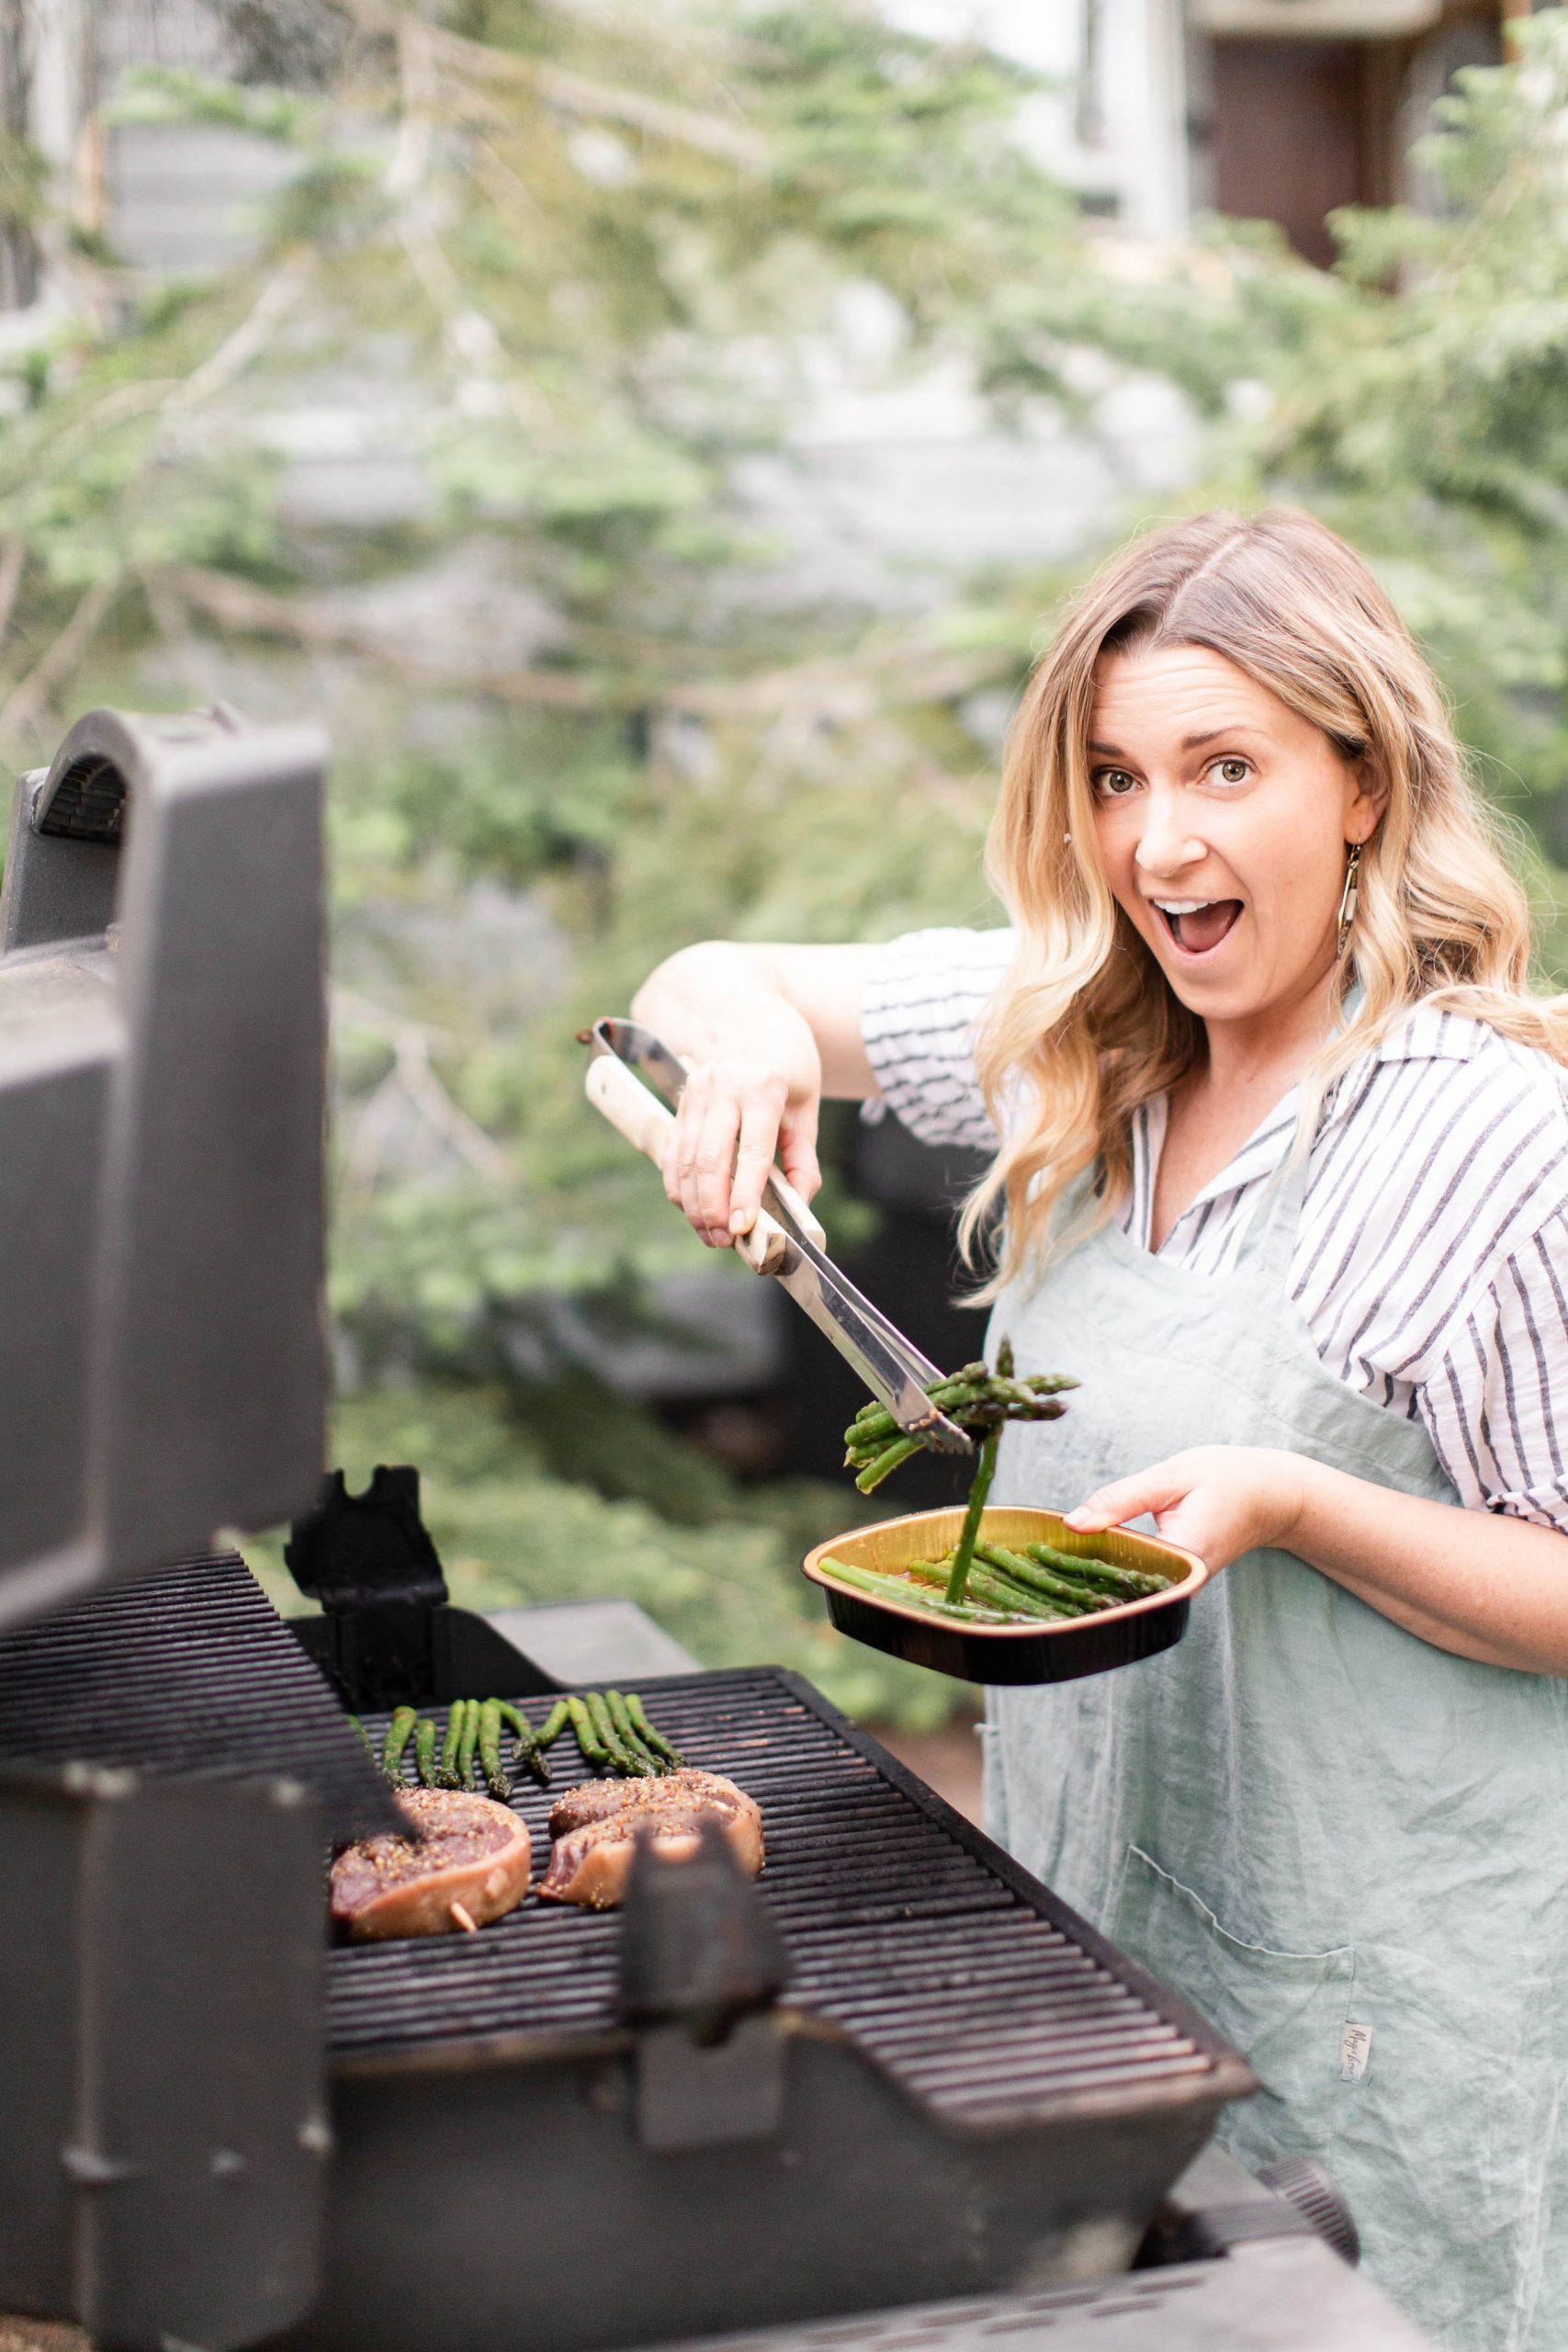 Kari Skelton BBQ'ing asparagus